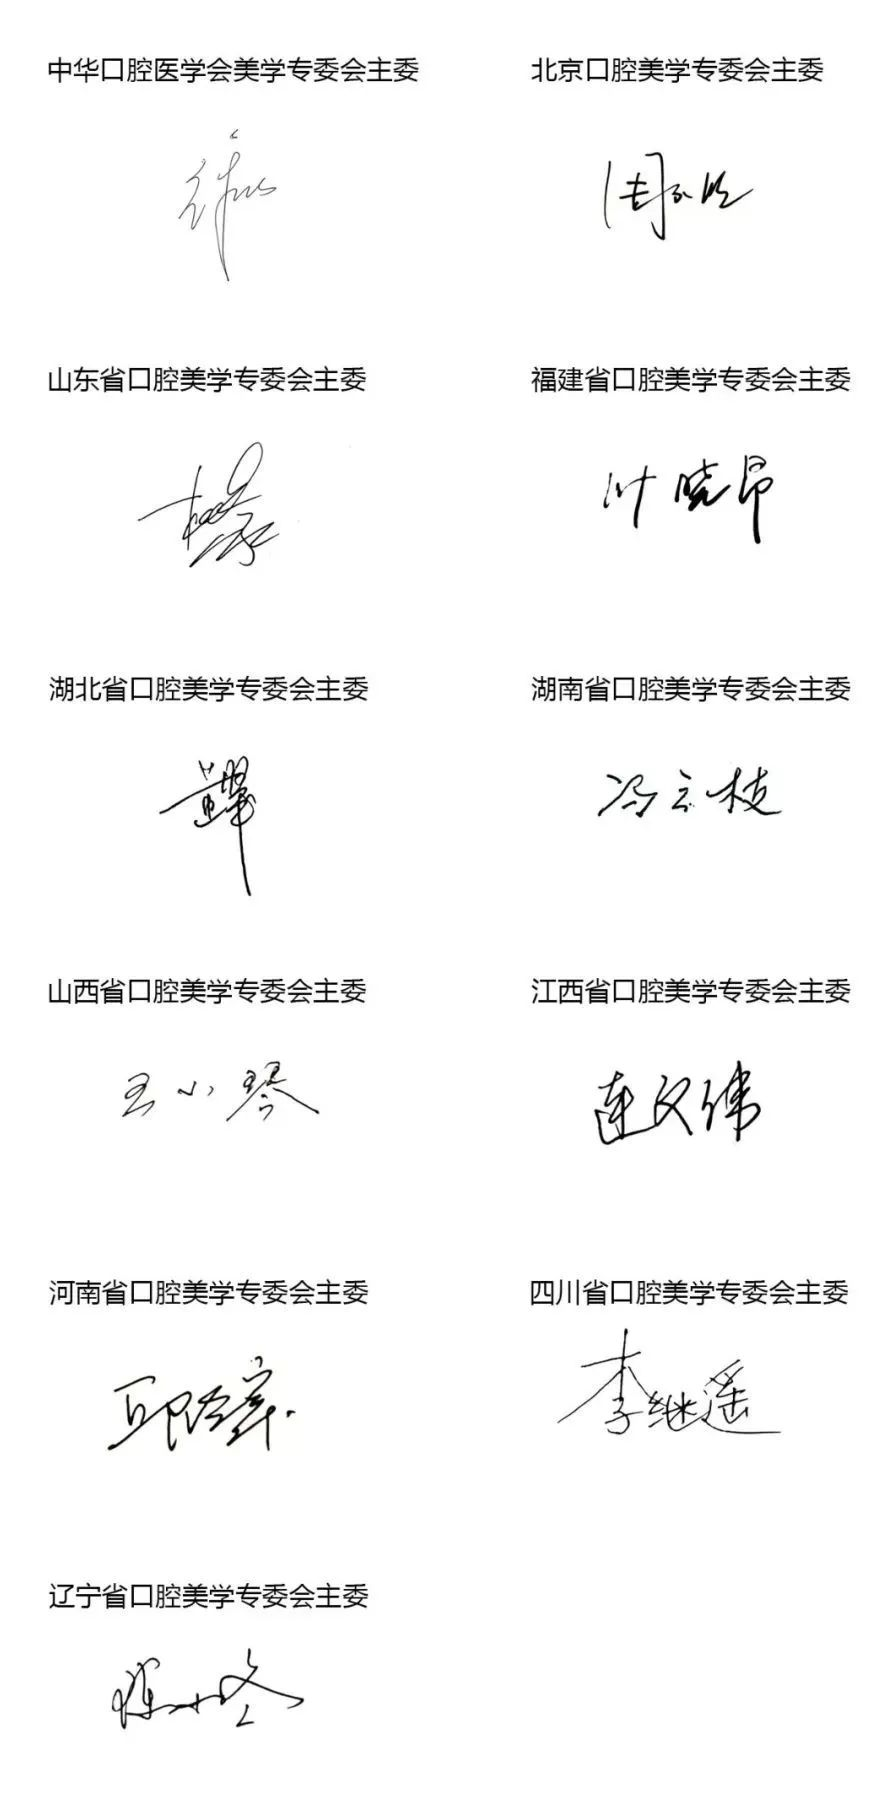 中华口腔医学会周报2020年24期